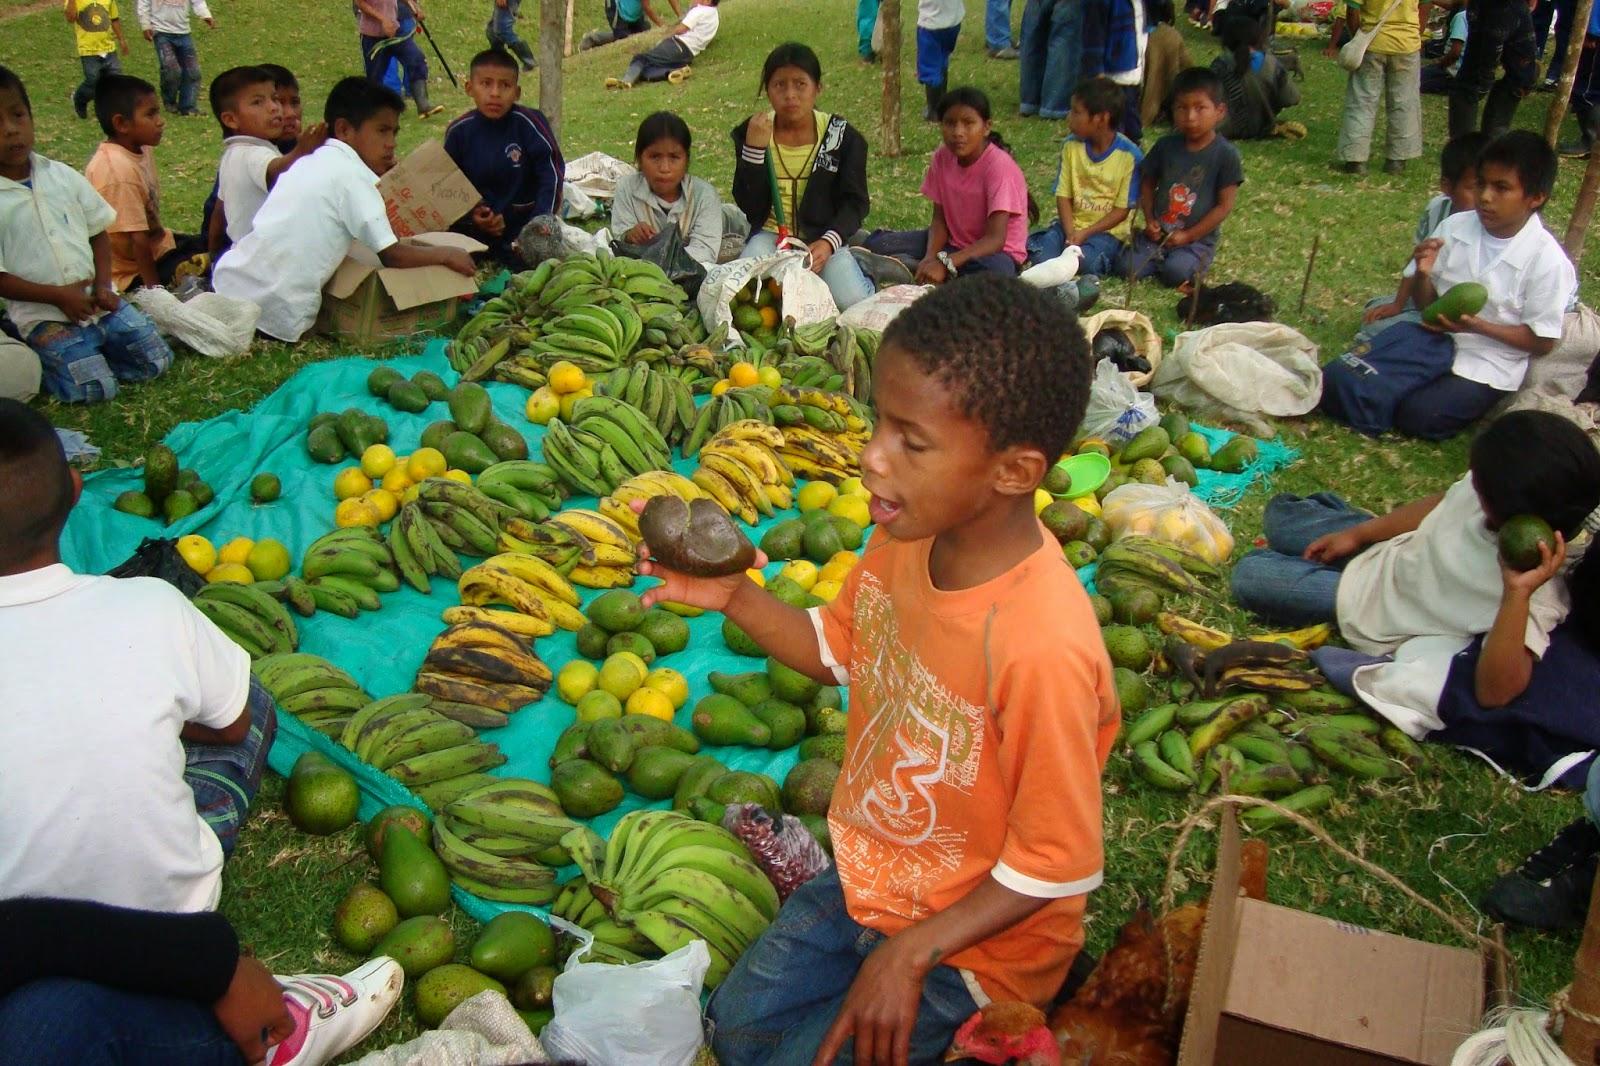 Cauca: Intercambio de productos agropecuarios, artísticos desde los saberes y sabores ancestrales de la región